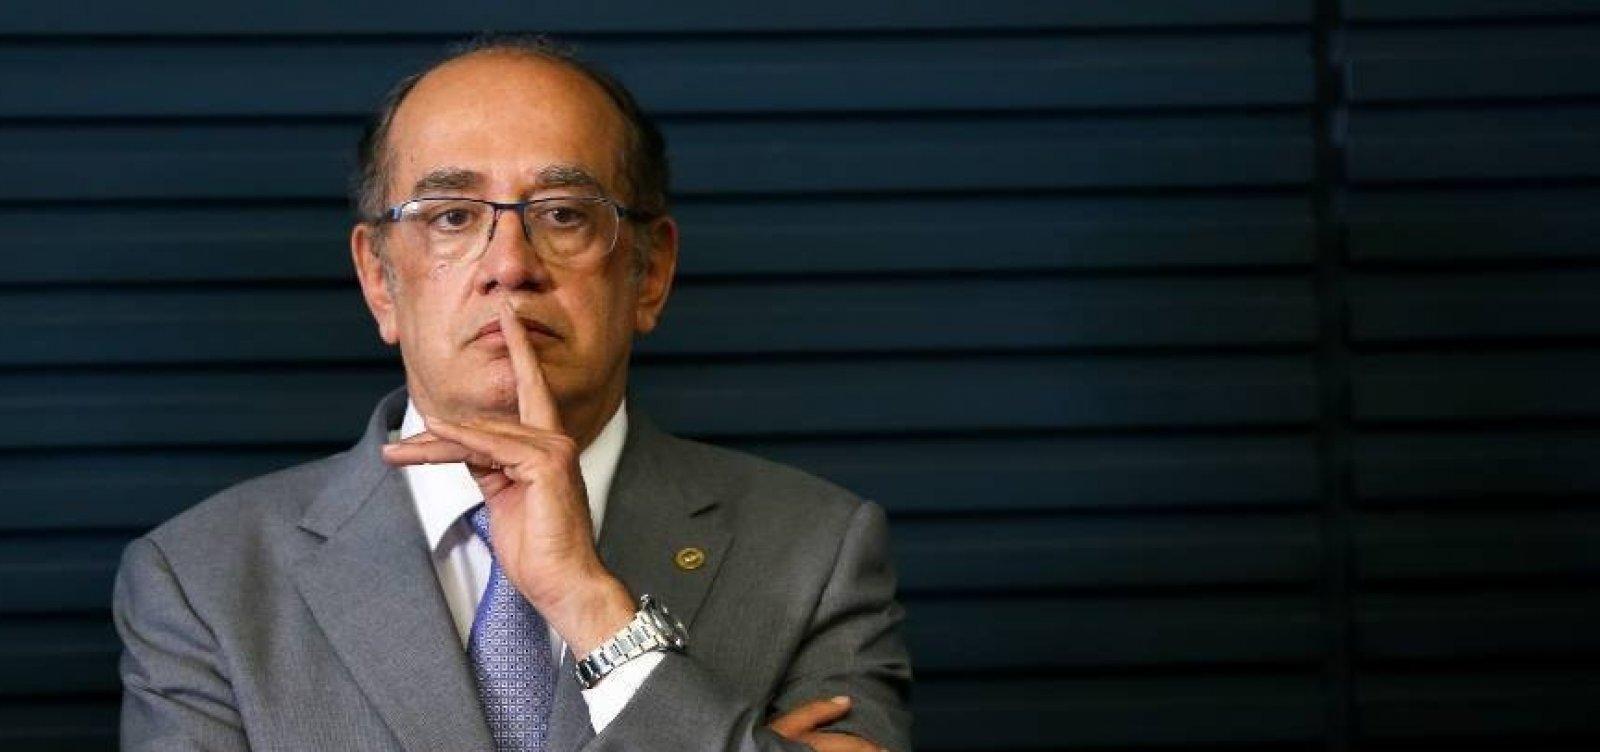 Ministros do STF reagem a morte no Carrefour: 'assassinato bárbaro', diz Gilmar